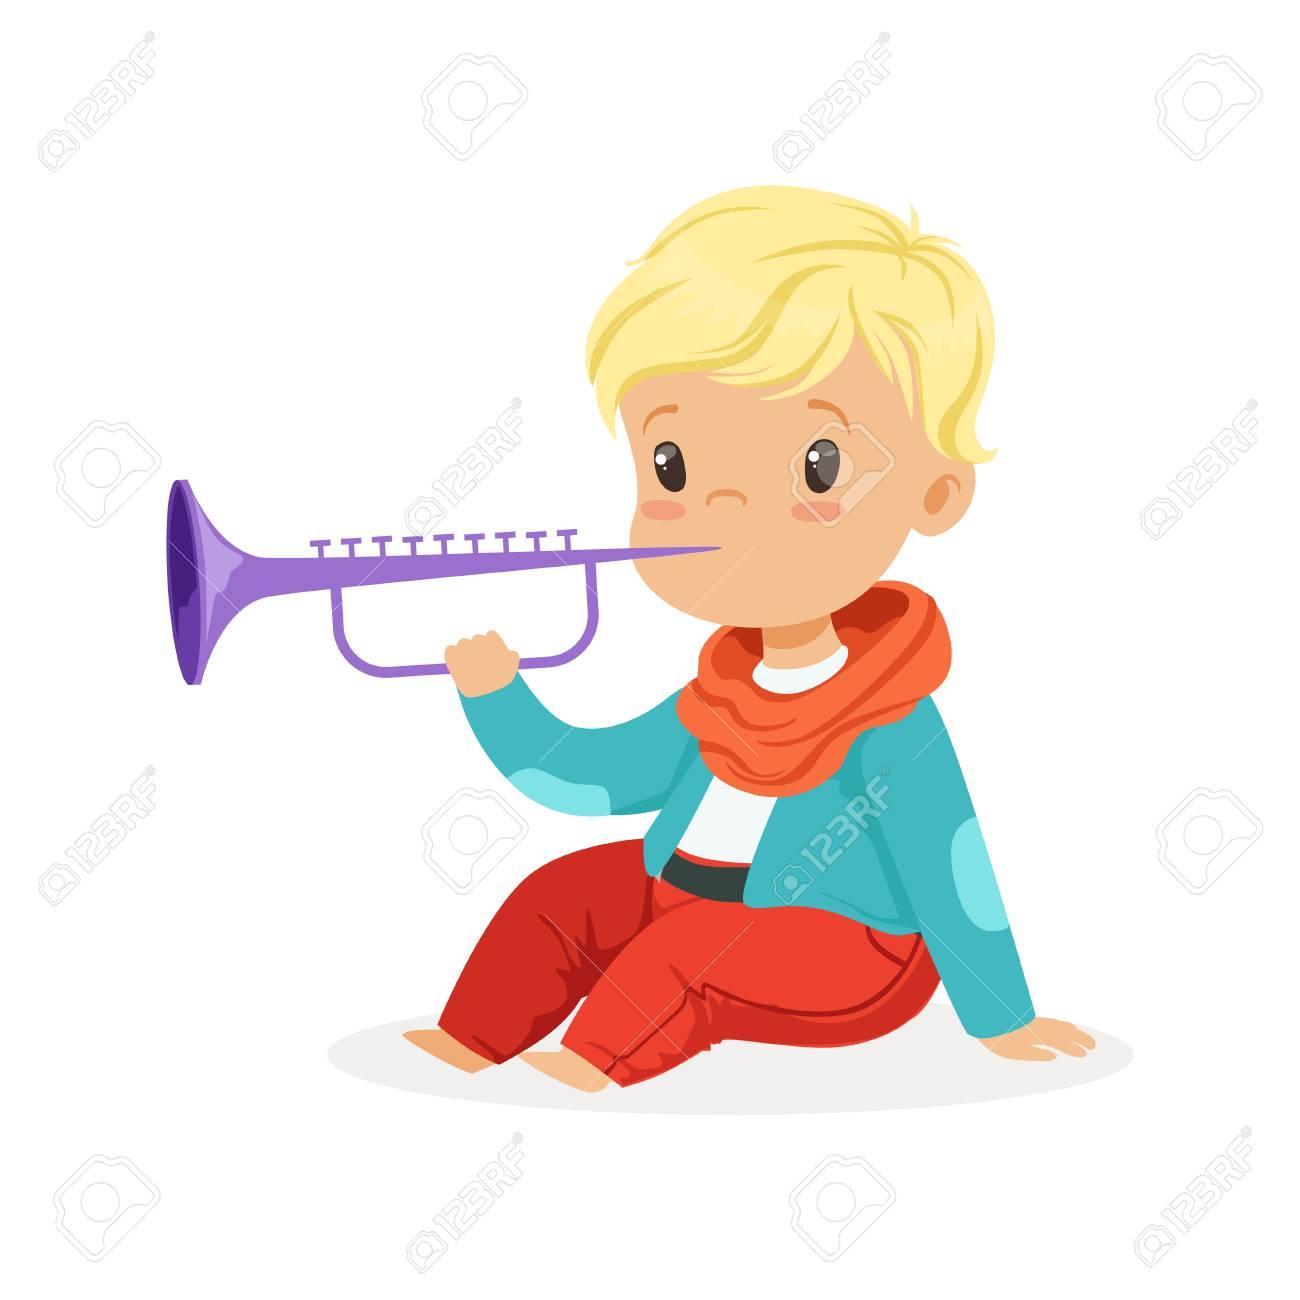 Mignon Petit Garçon Blond Jouant De La Clarinette Jeune Musicien Avec Instrument De Musique Jouet éducation Musicale Pour Vecteur De Dessin Animé